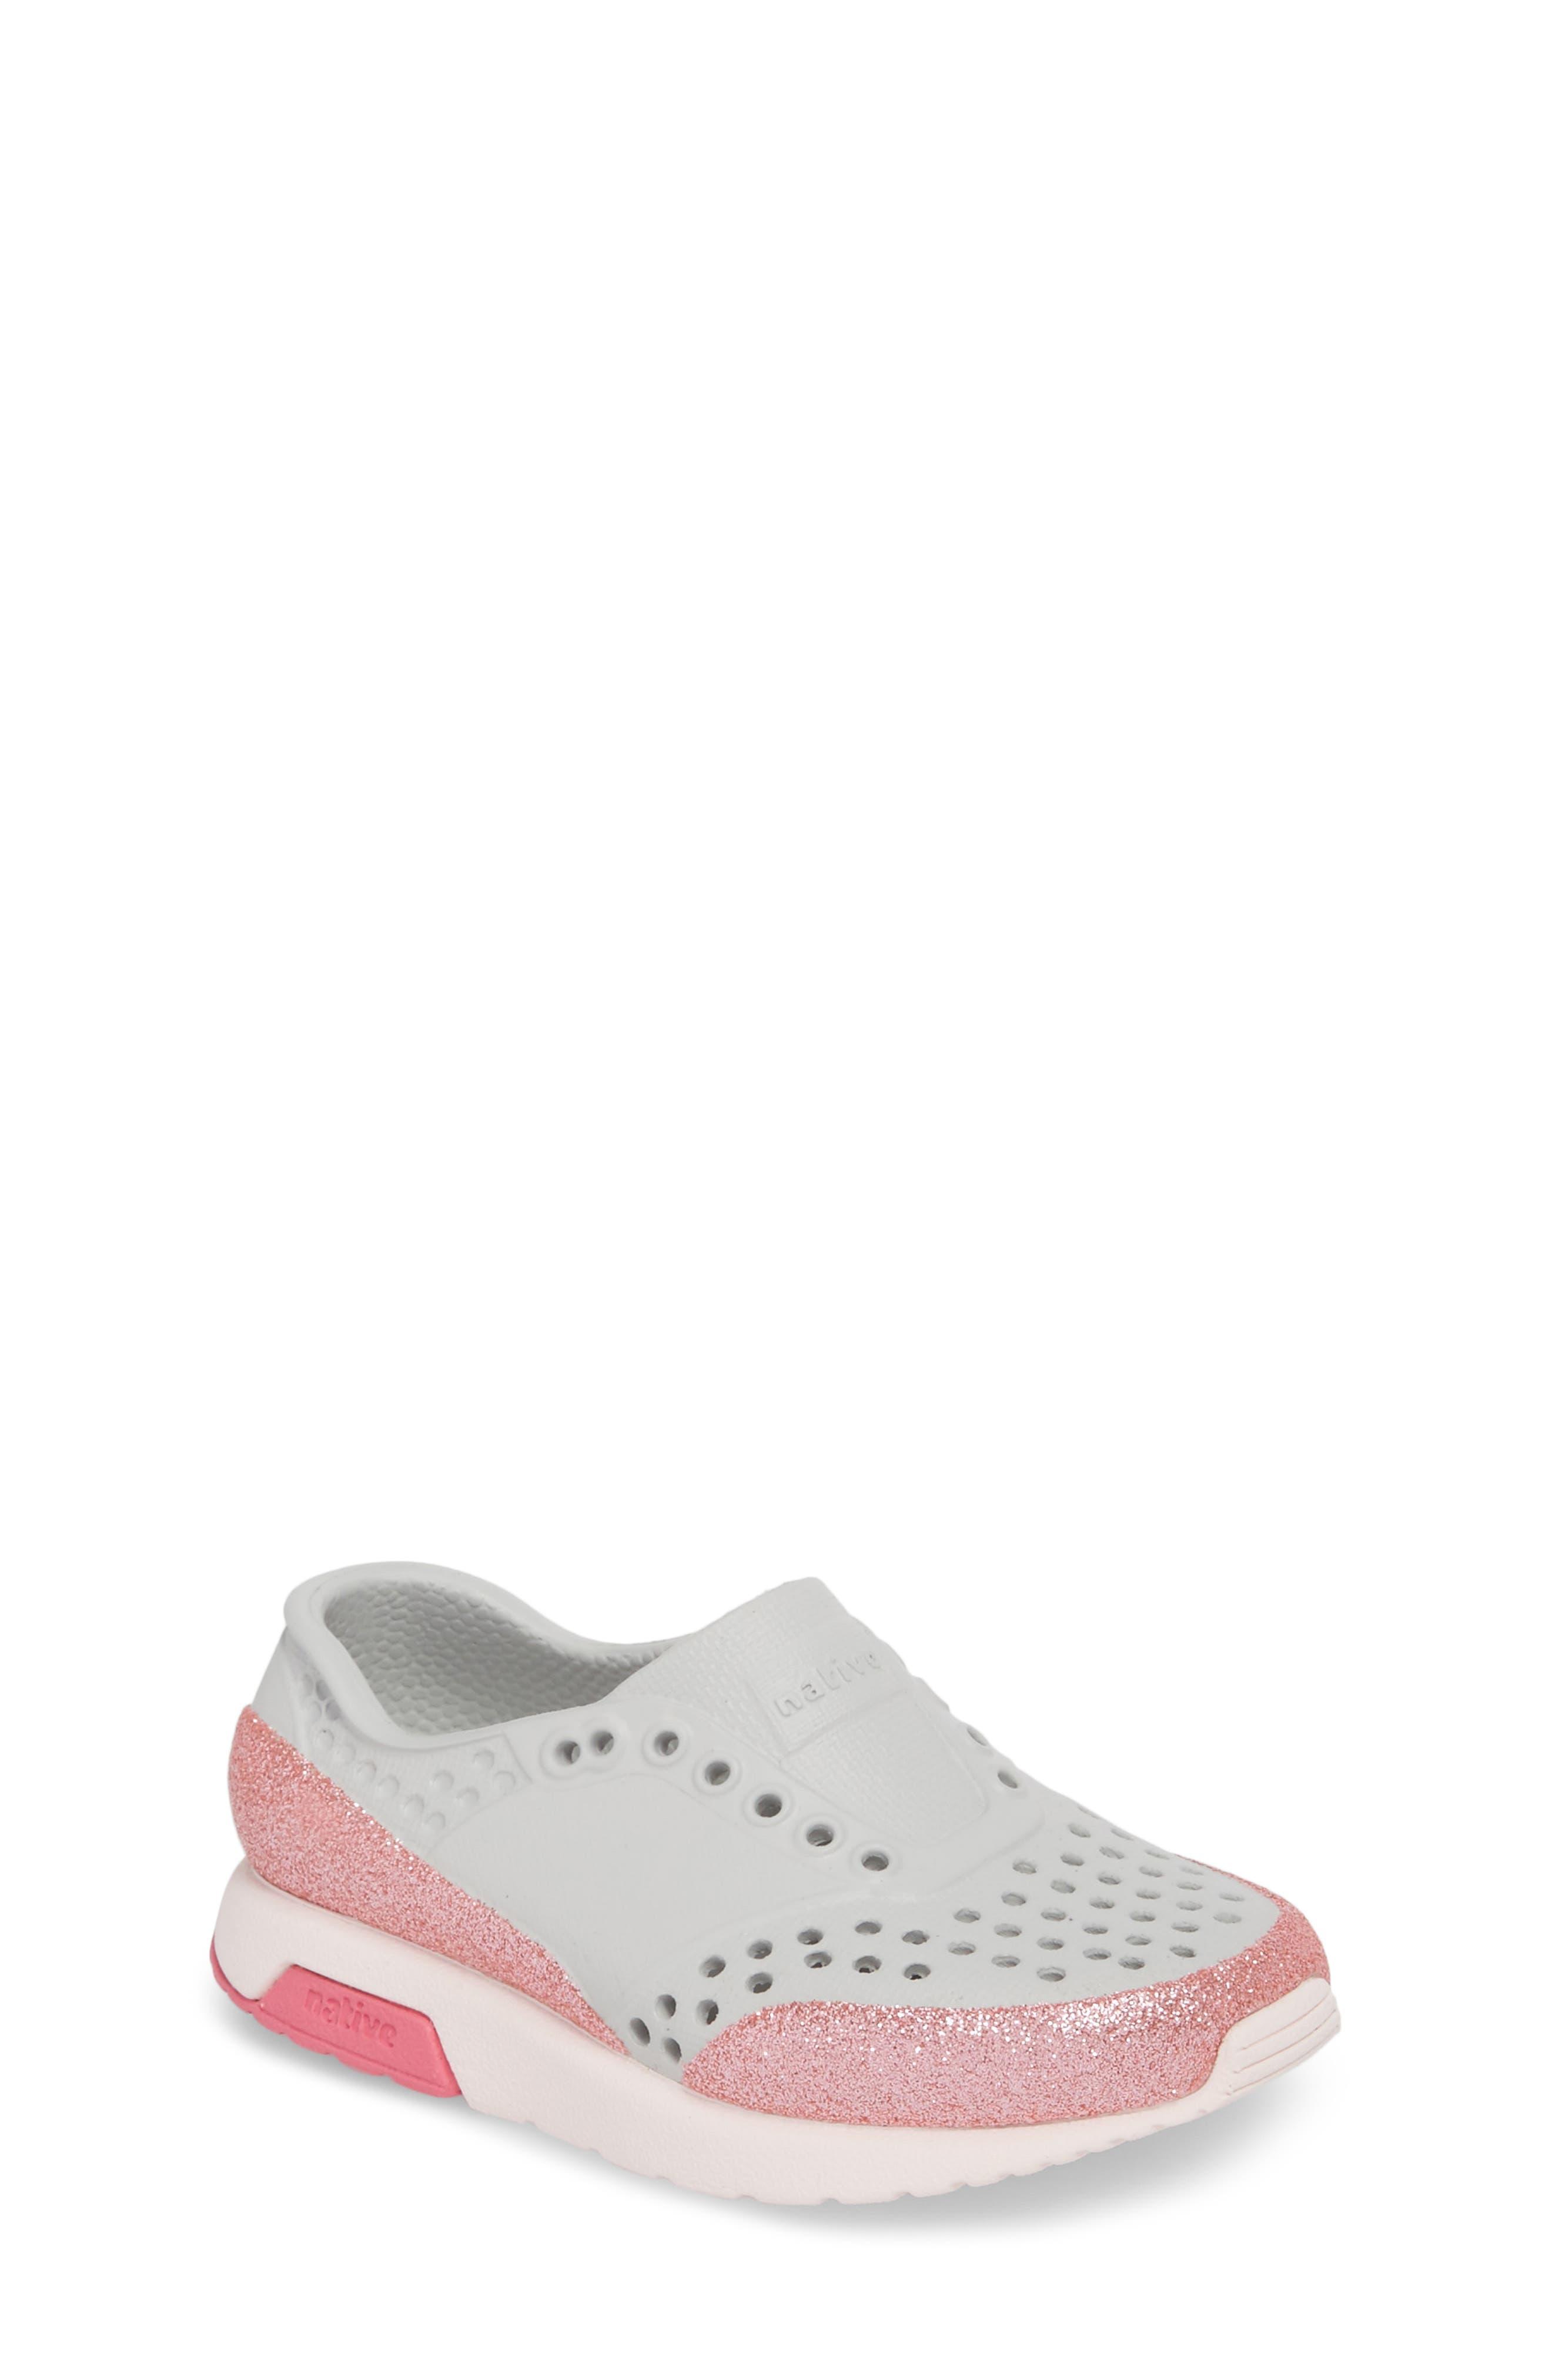 Lennox Glitter Slip-On Sneaker,                         Main,                         color, Mist Grey/ Milk Pink/ Glitter